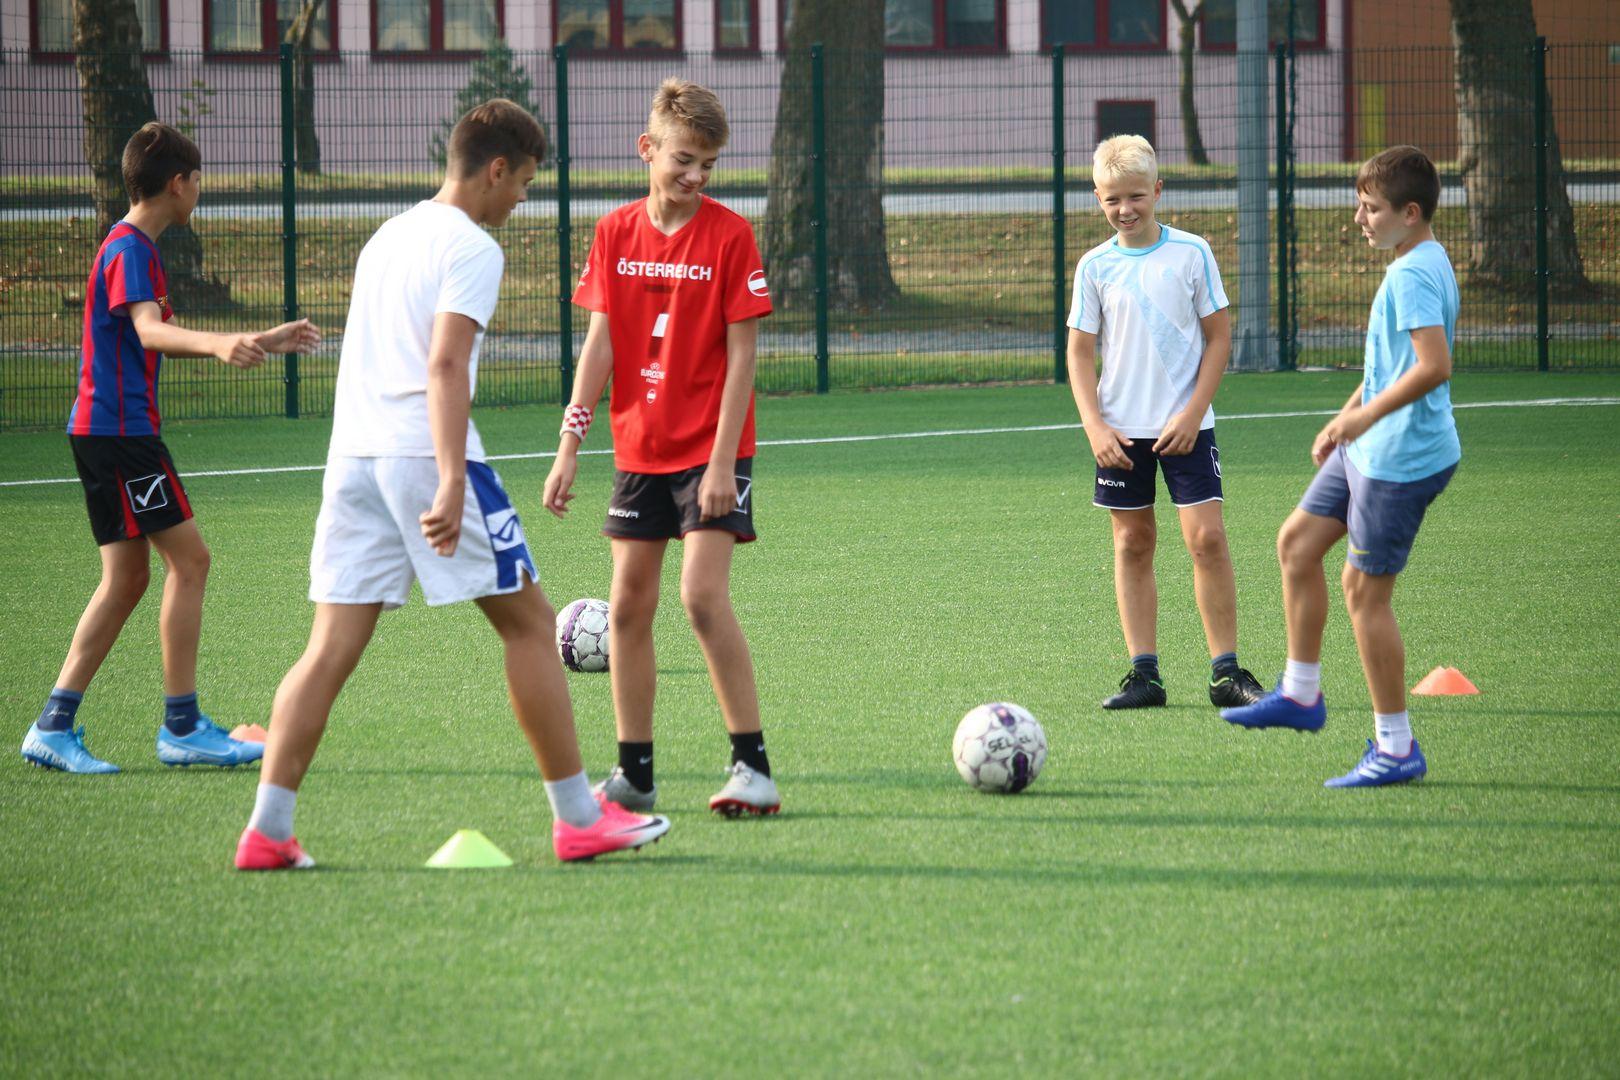 Mladi nogometaši nastavljaju s treninzima na travnjacima ŠRC-a